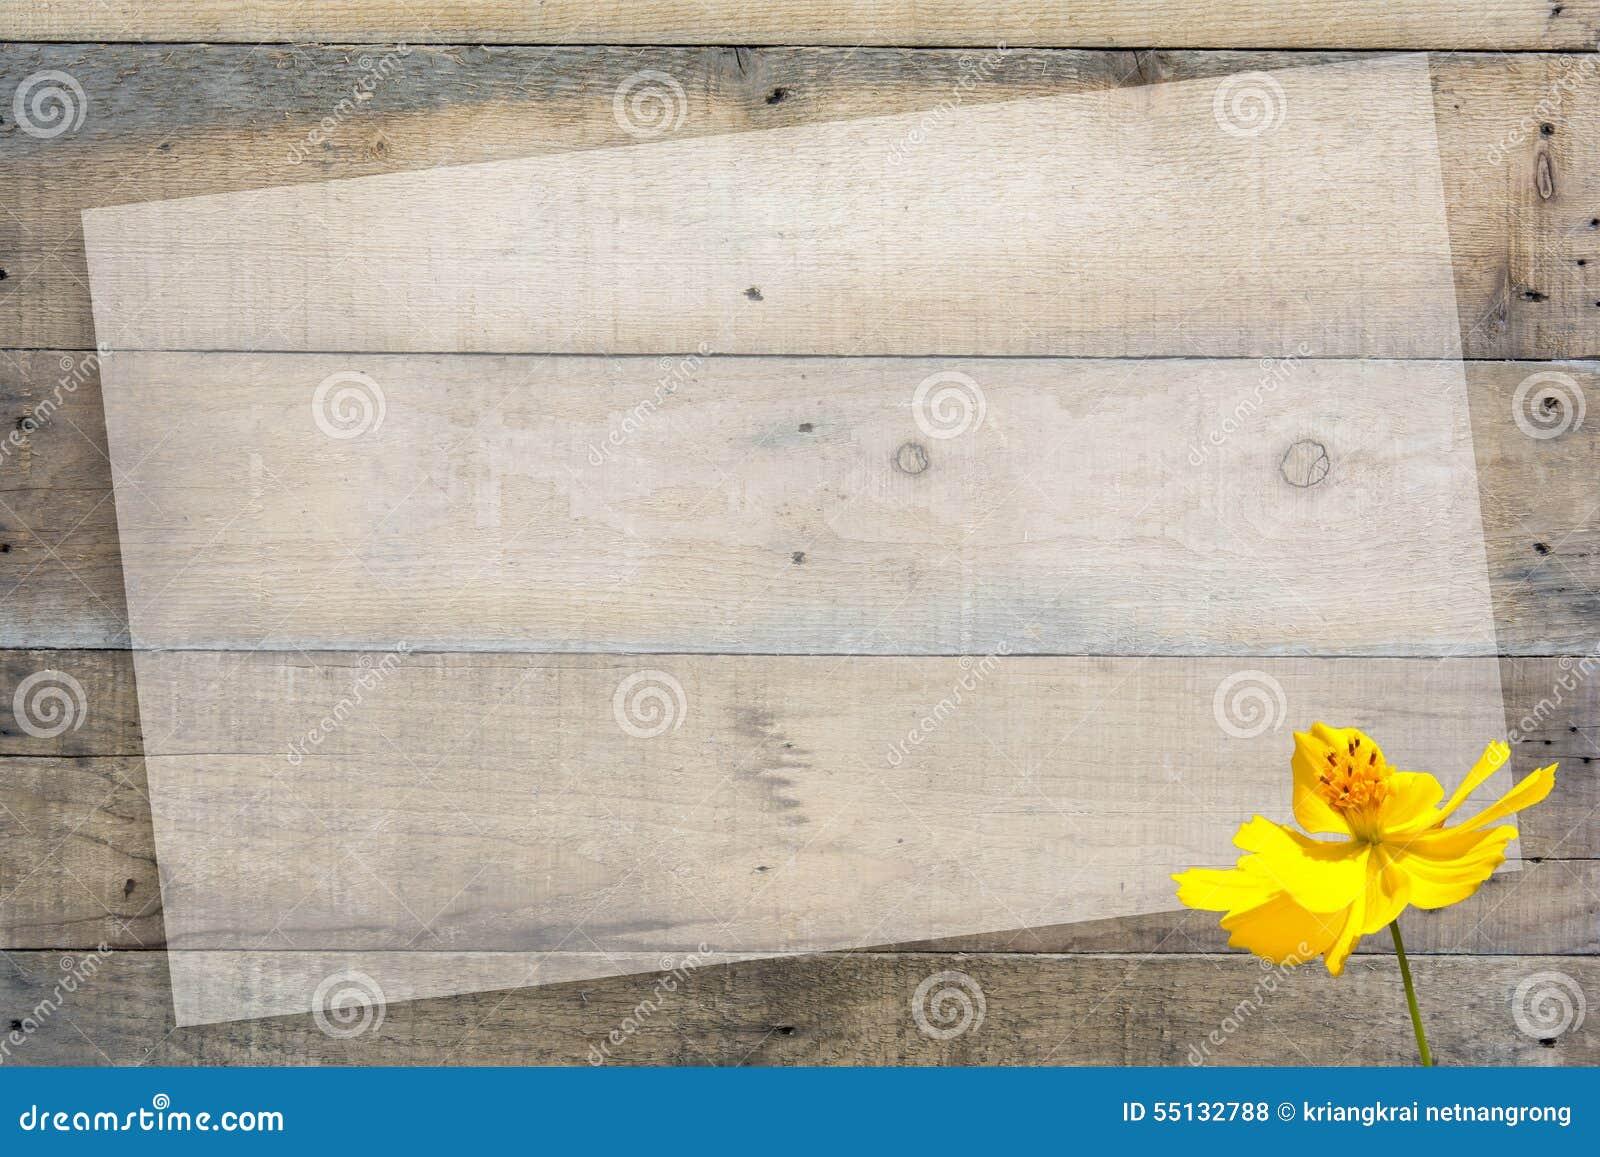 Abstracte bloem op houten achtergrond